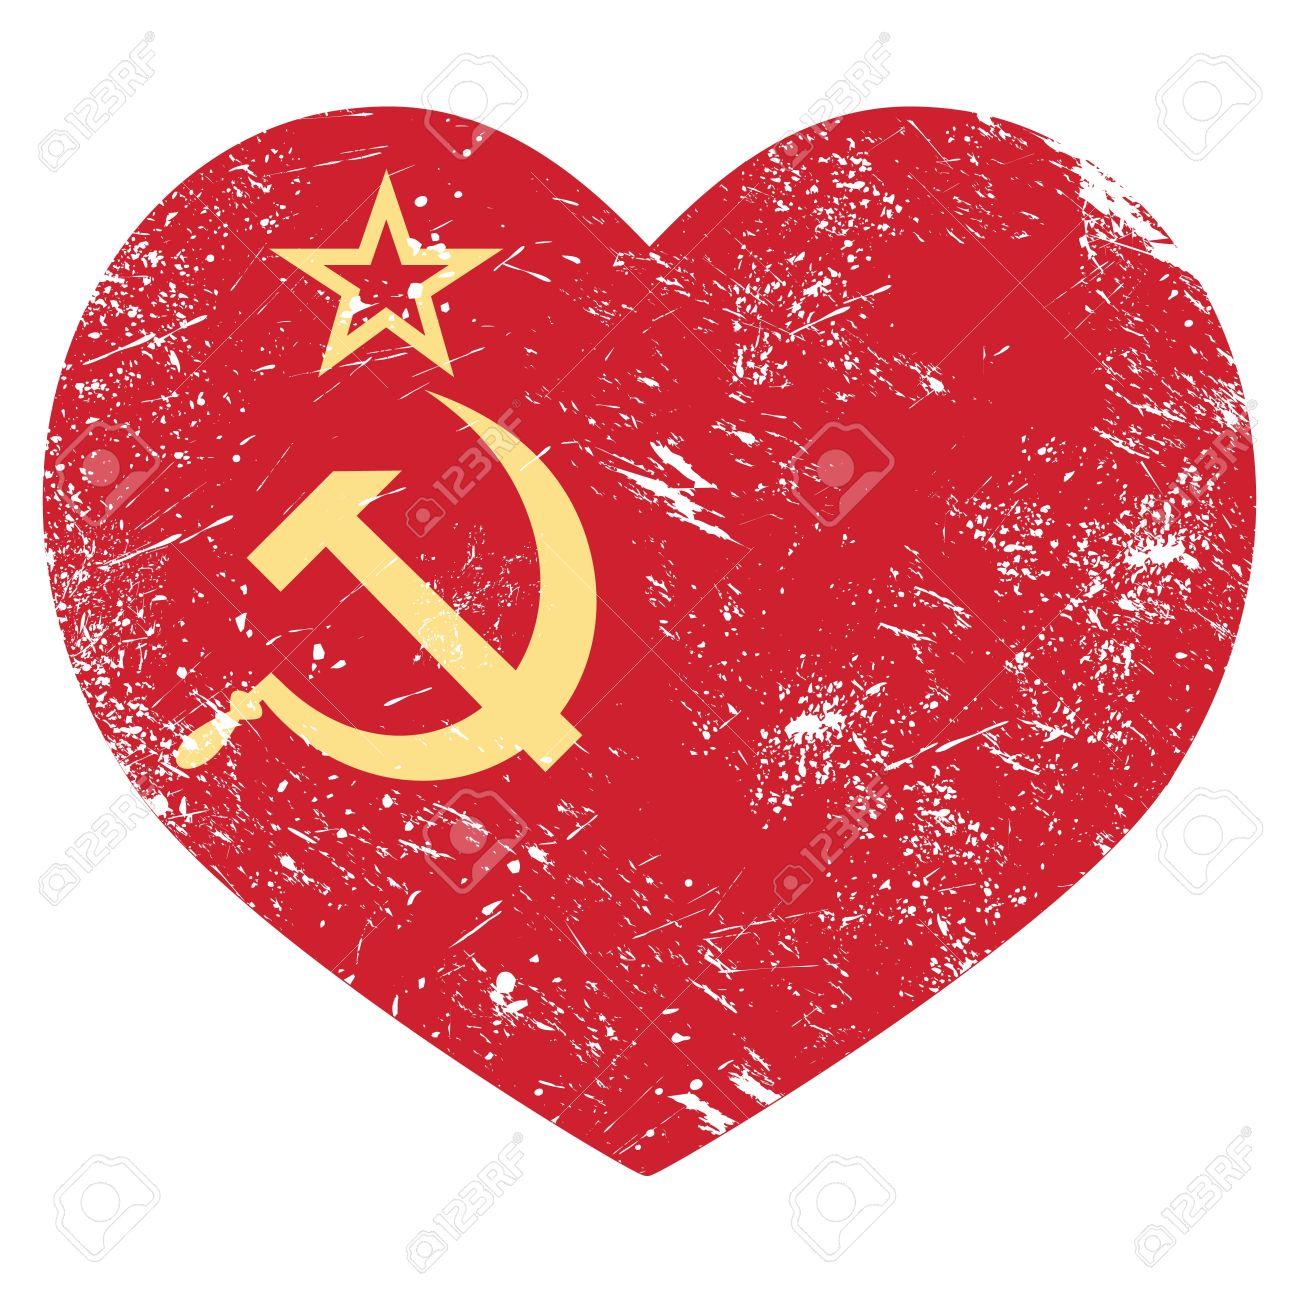 18622806-URSS-Union-Sovi-tique-drapeau-coeur-r-tro-Banque-d'images